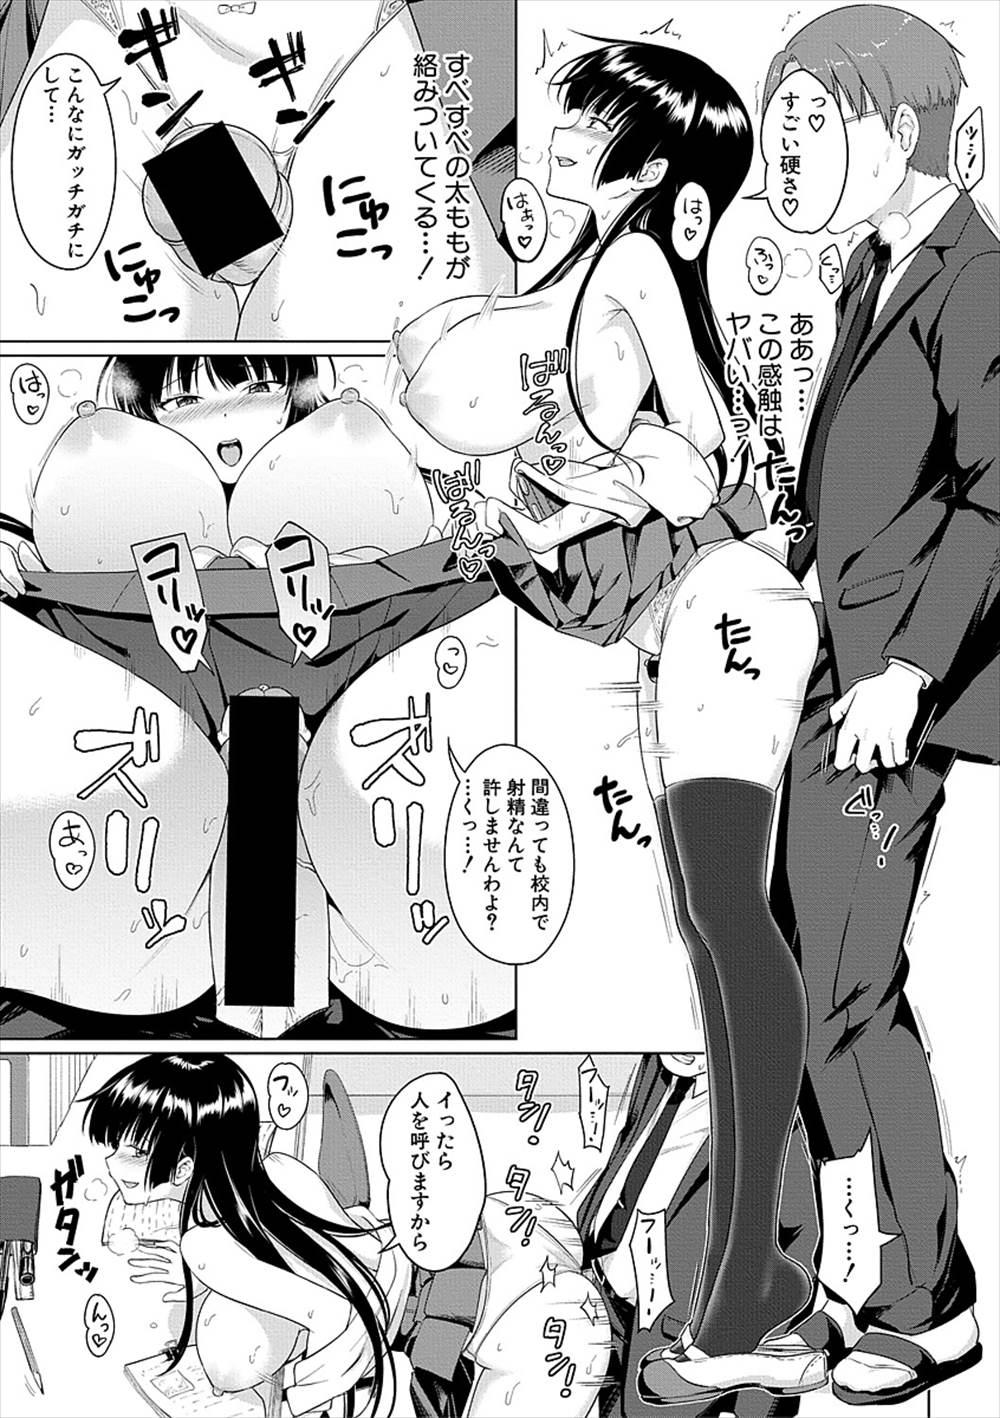 【エロ漫画】JKの性奴隷になっている教師…駅弁ファックで種付制服ハメww【といとい:逆転の鳴き声】